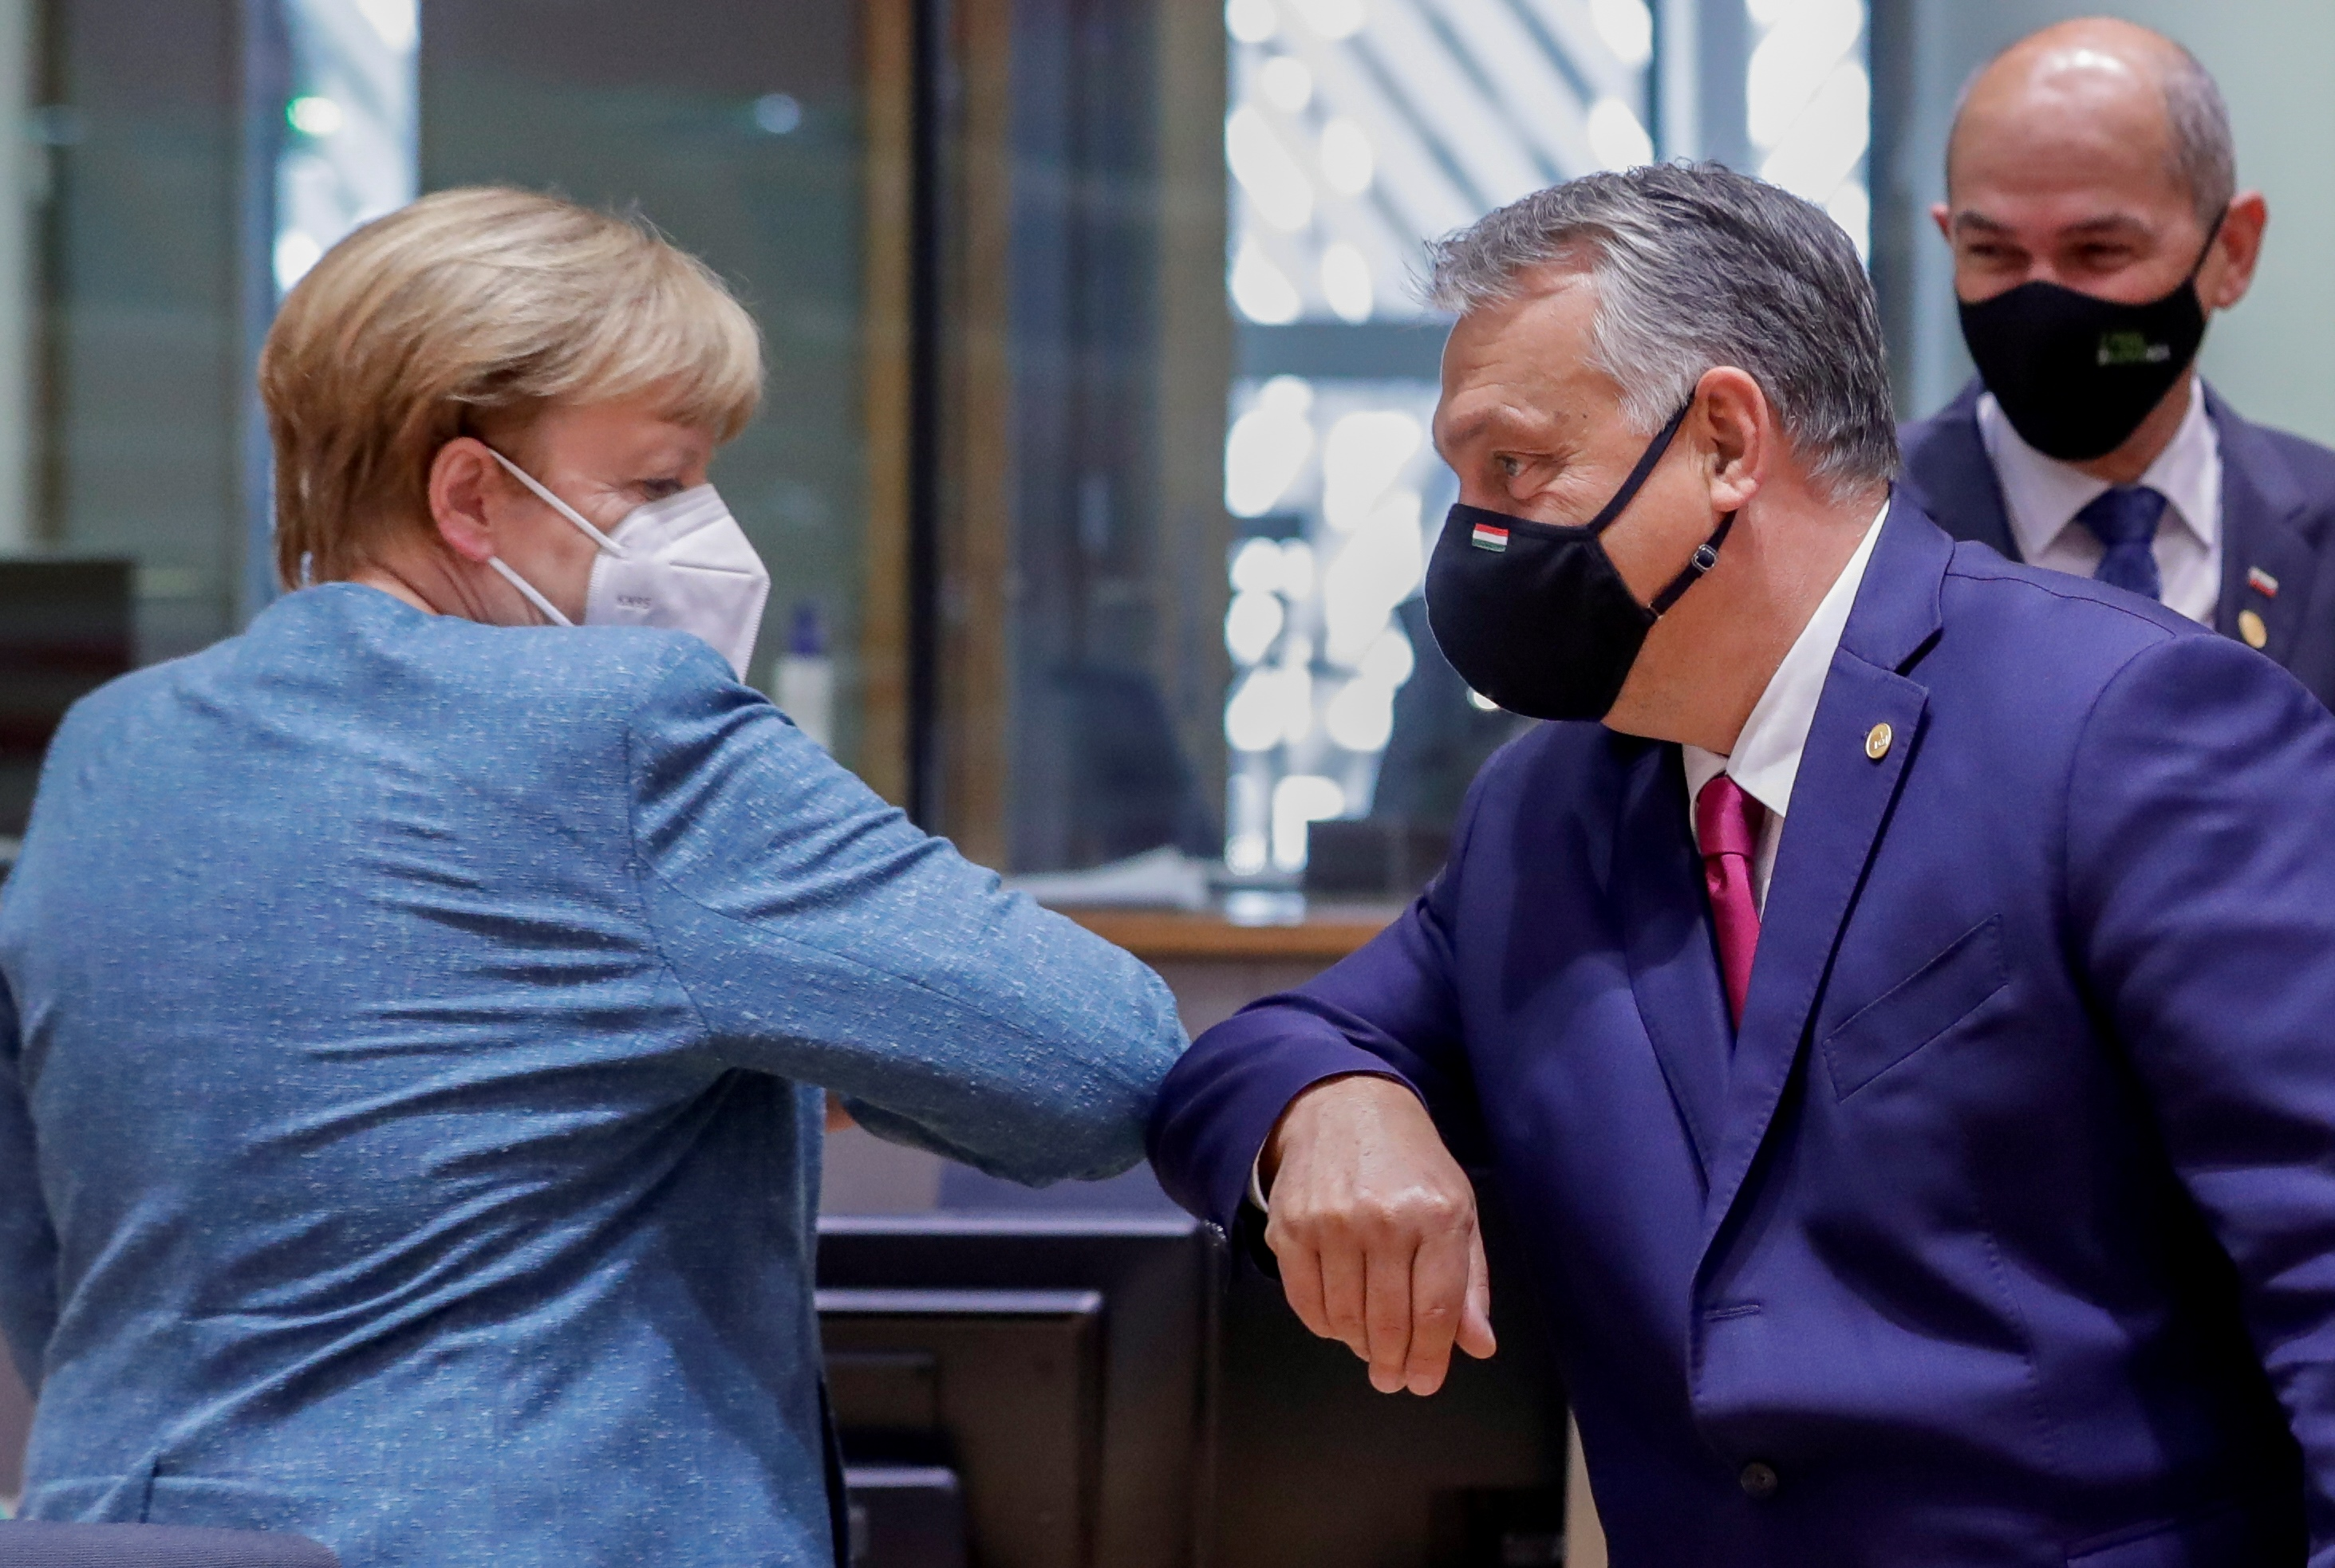 Merkel elégedett a jogállamisághoz kötött uniós költségvetéssel, egyelőre nem keresnek más megoldásokat